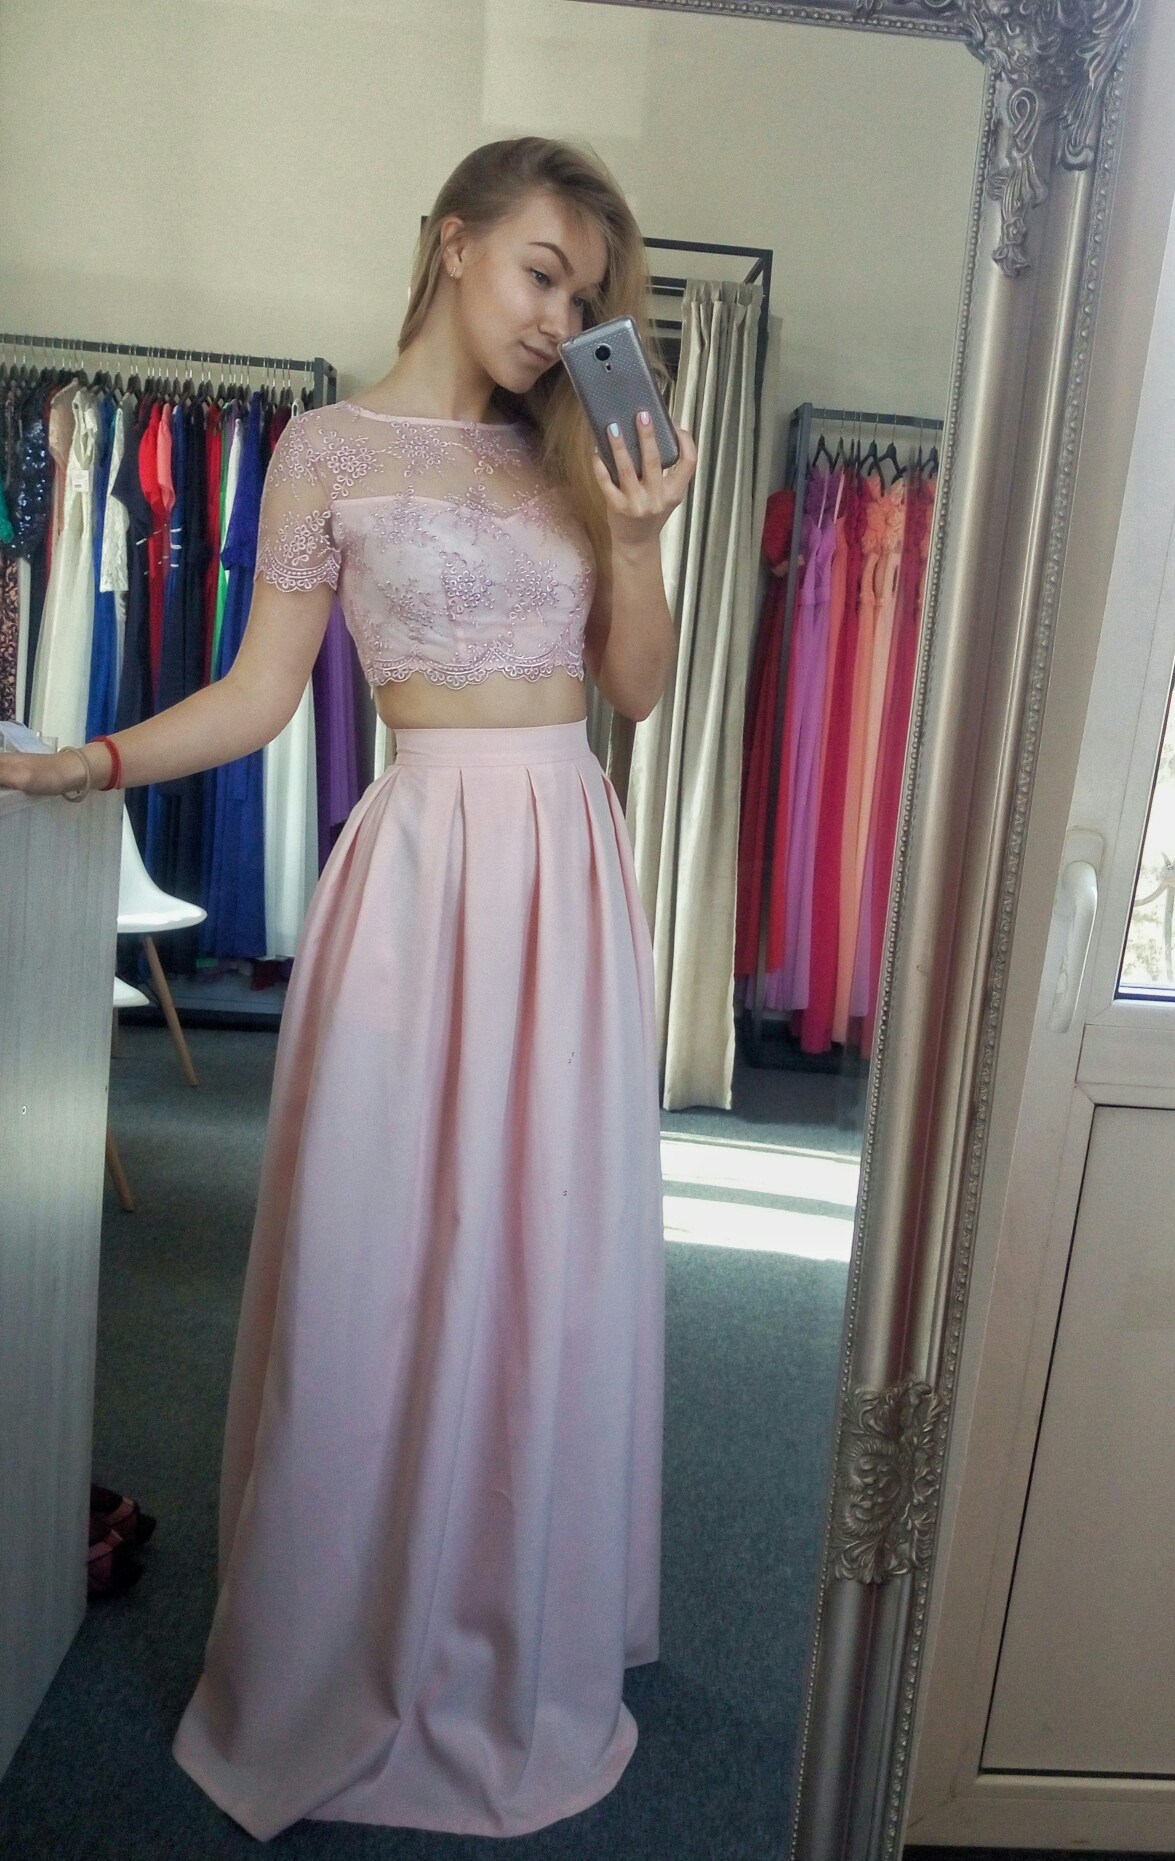 Топ и юбка платье купить